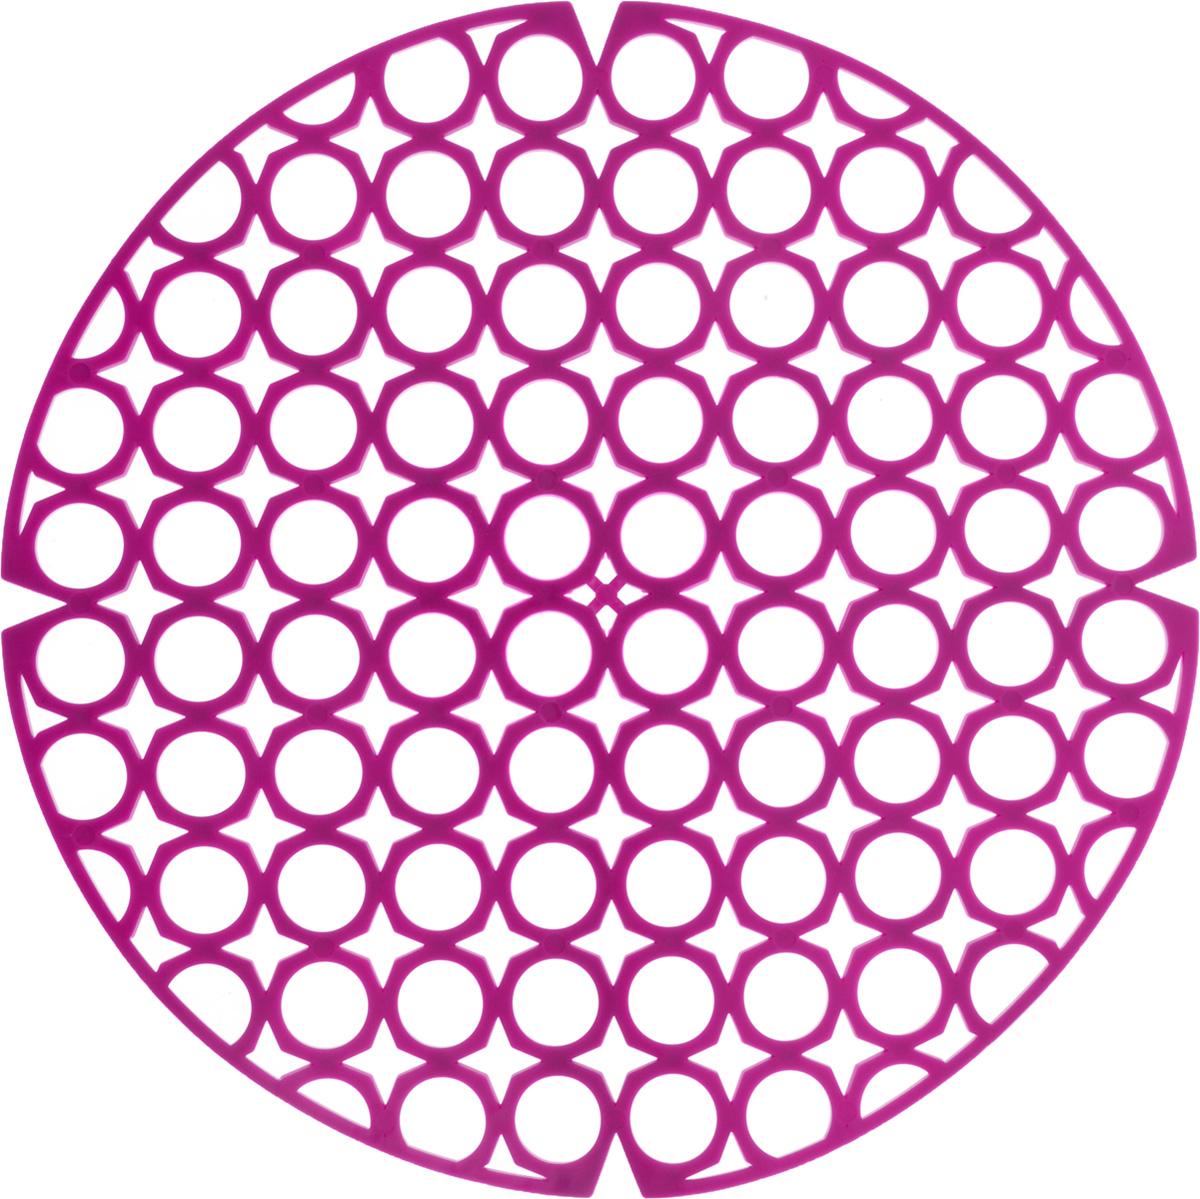 Коврик для раковины York, цвет: фиолетовый, диаметр 27,5 см9560/095600_фиолетовыйСтильный и удобный коврик для раковины York изготовлен из сложных полимеров. Он одновременно выполняет несколько функций: украшает, защищает мойку от царапин и сколов, смягчает удары при падении посуды в мойку. Коврик также можно использовать для сушки посуды, фруктов и овощей. Он легко очищается от грязи и жира. Диаметр: 27,5 см.